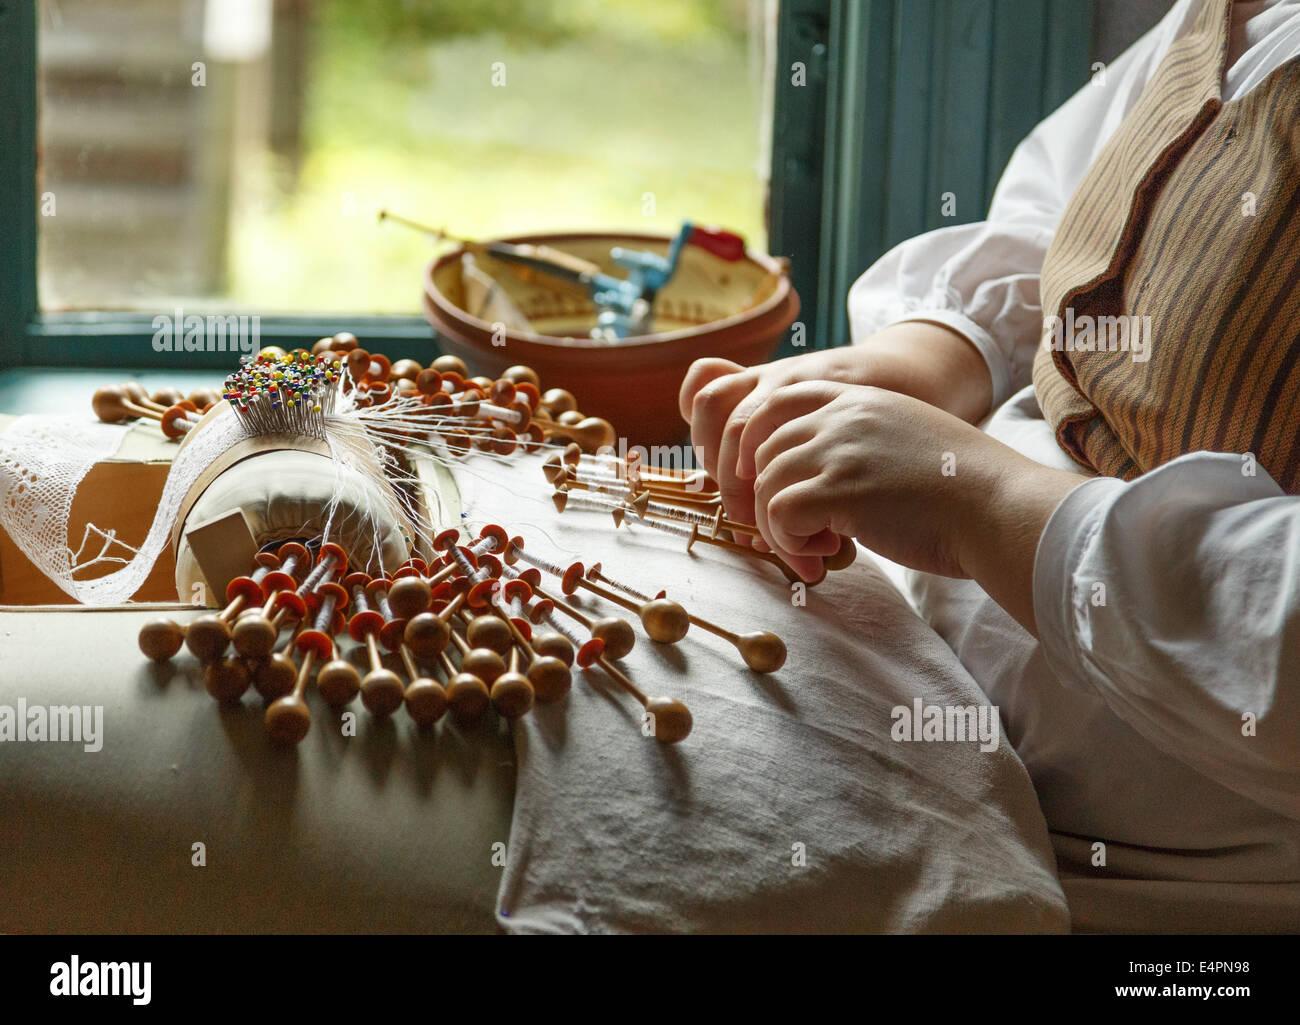 Klöppelspitzen produziert mit der traditionellen Methode von hand mit Spulen und einem Kissen mit Stiften, Stockbild